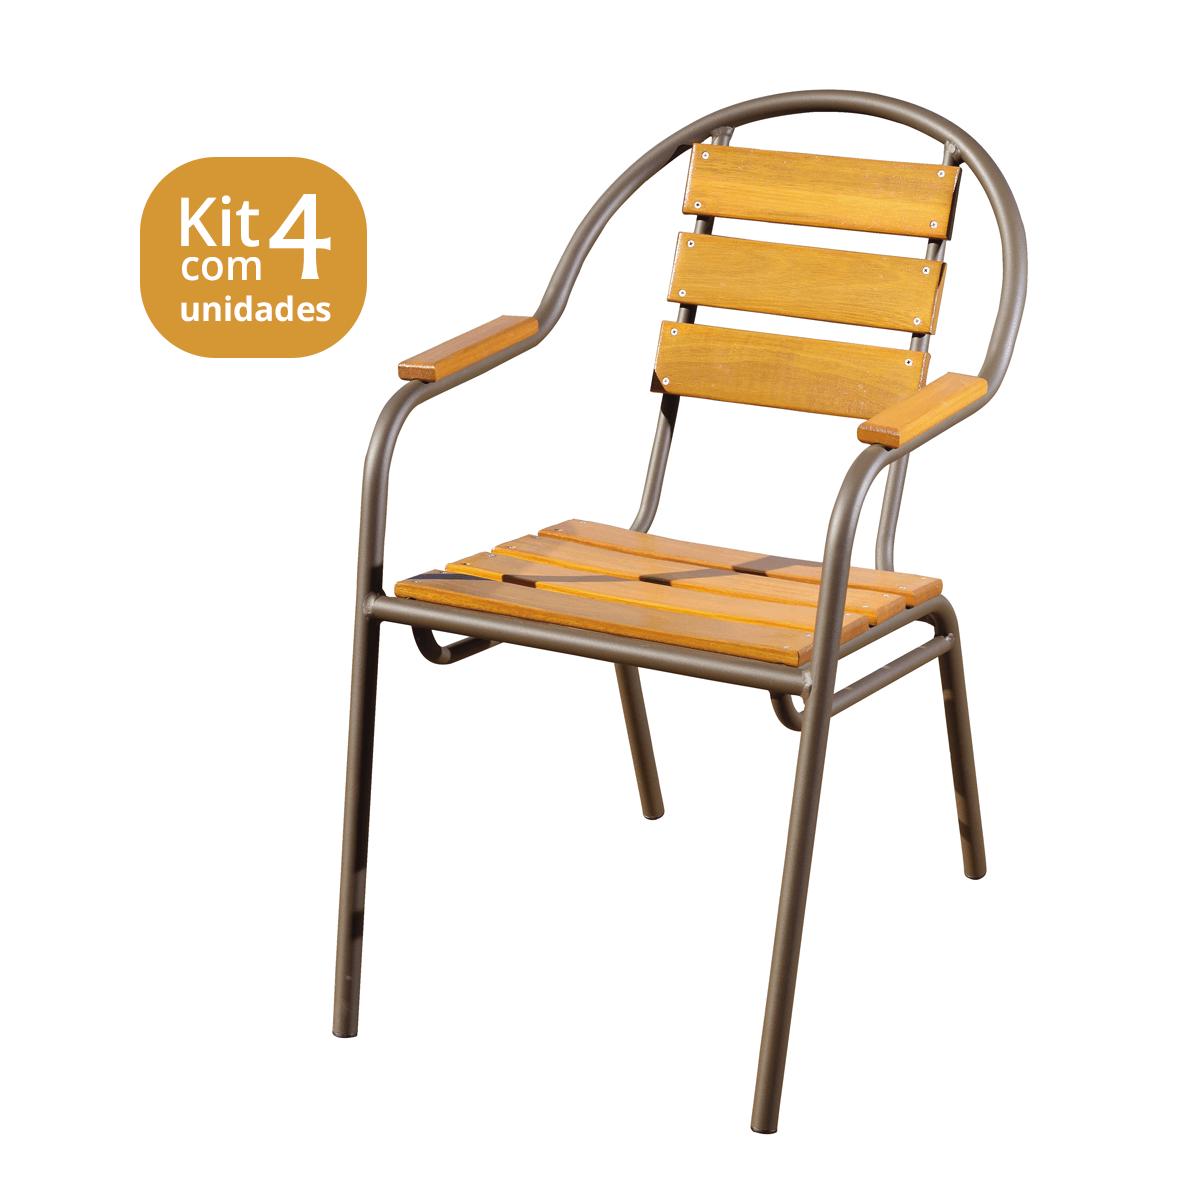 Kit 04 Cadeiras/Poltronas em Madeira e Alumínio Pintado CMAC44M